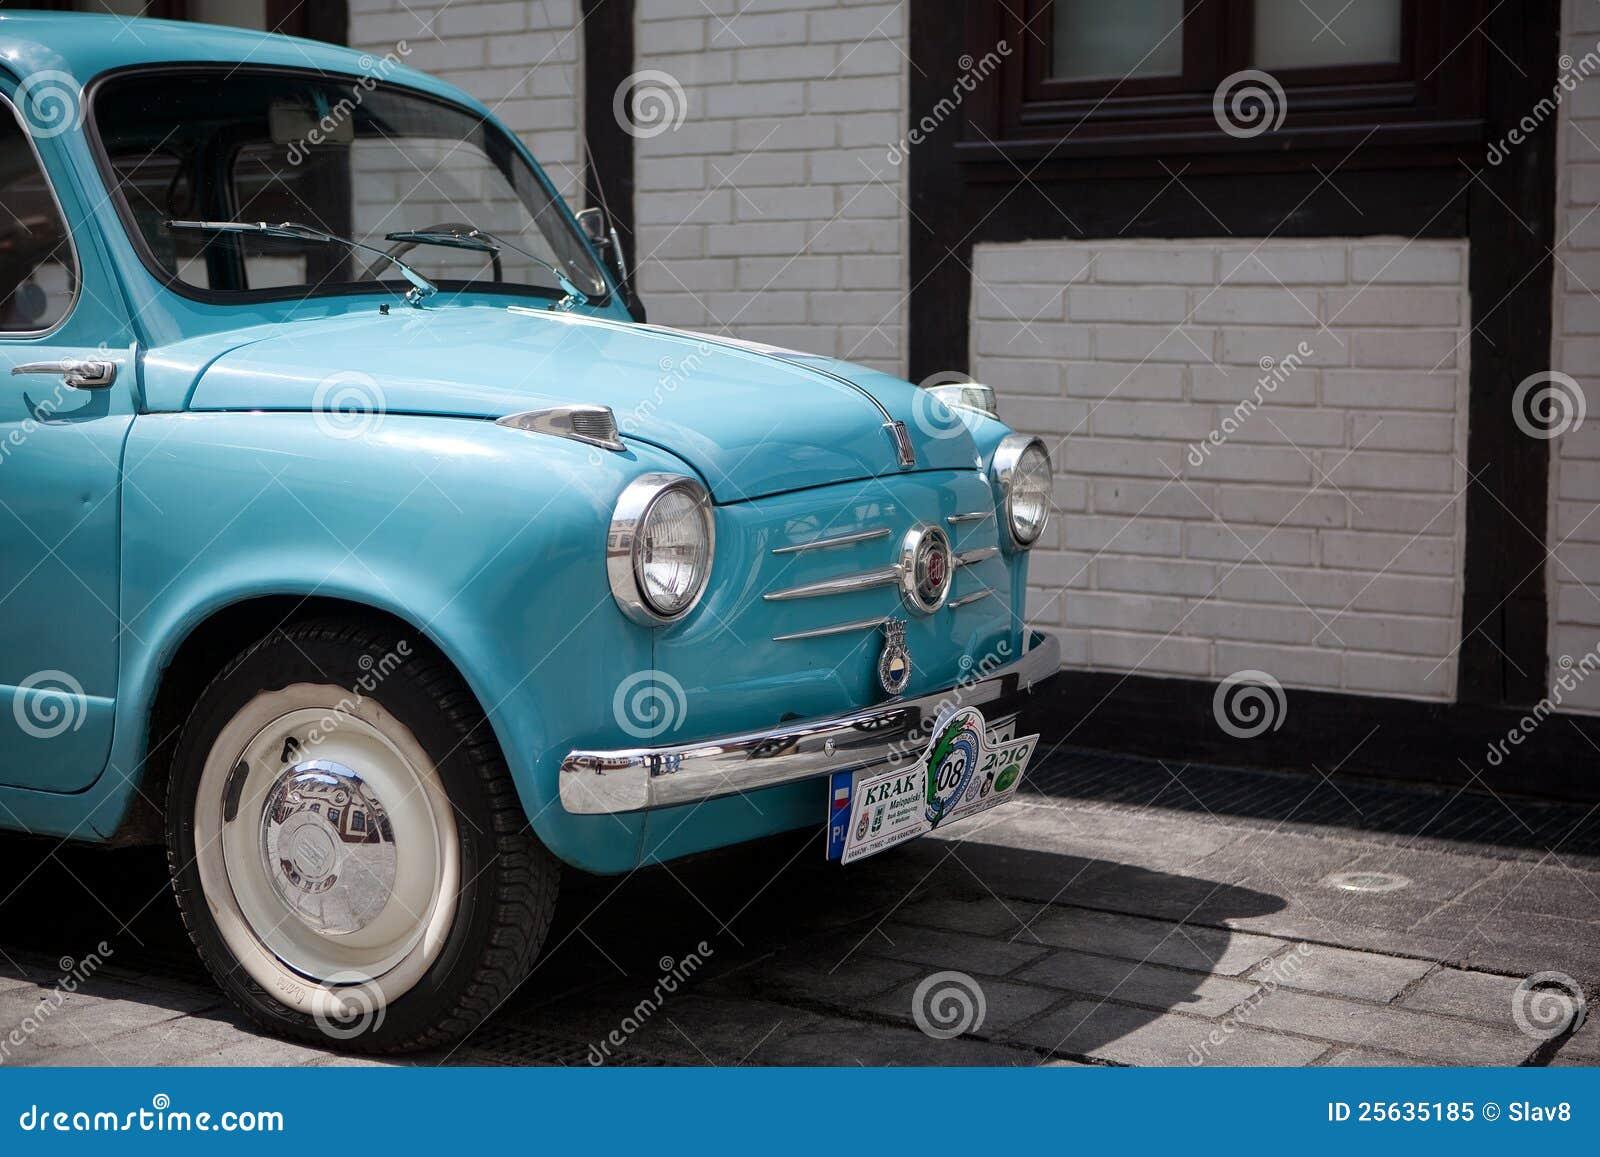 Vintage Fiat 600 in Kraków Museum